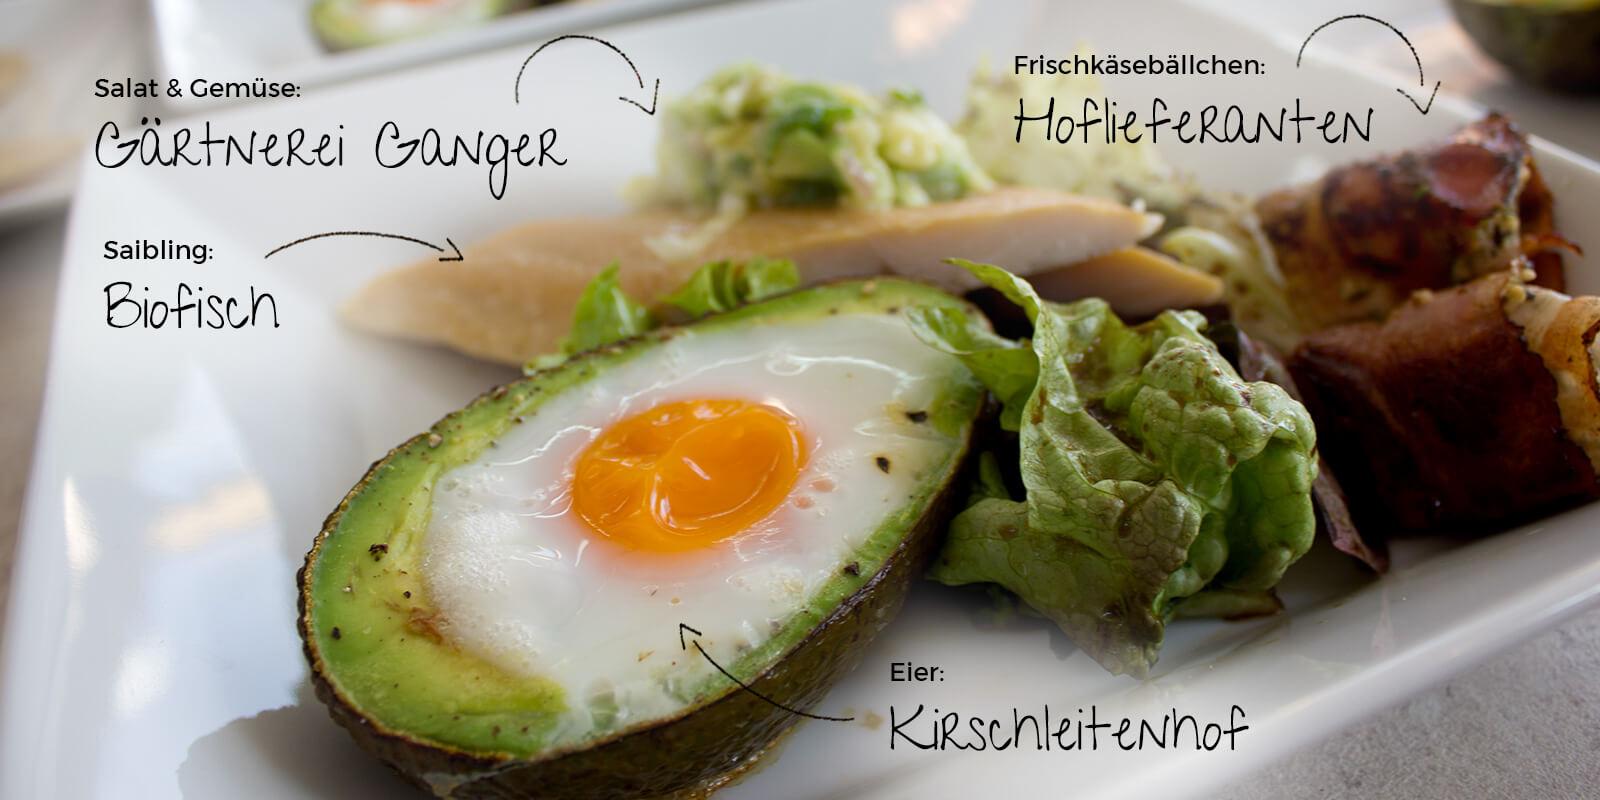 Bine kocht ein Ostermenü mit AbHof Miele Center Neuwirth Rezepte Vorspeise Avocado gebacken mit Ei Frischkäse Speckmantel Saibling